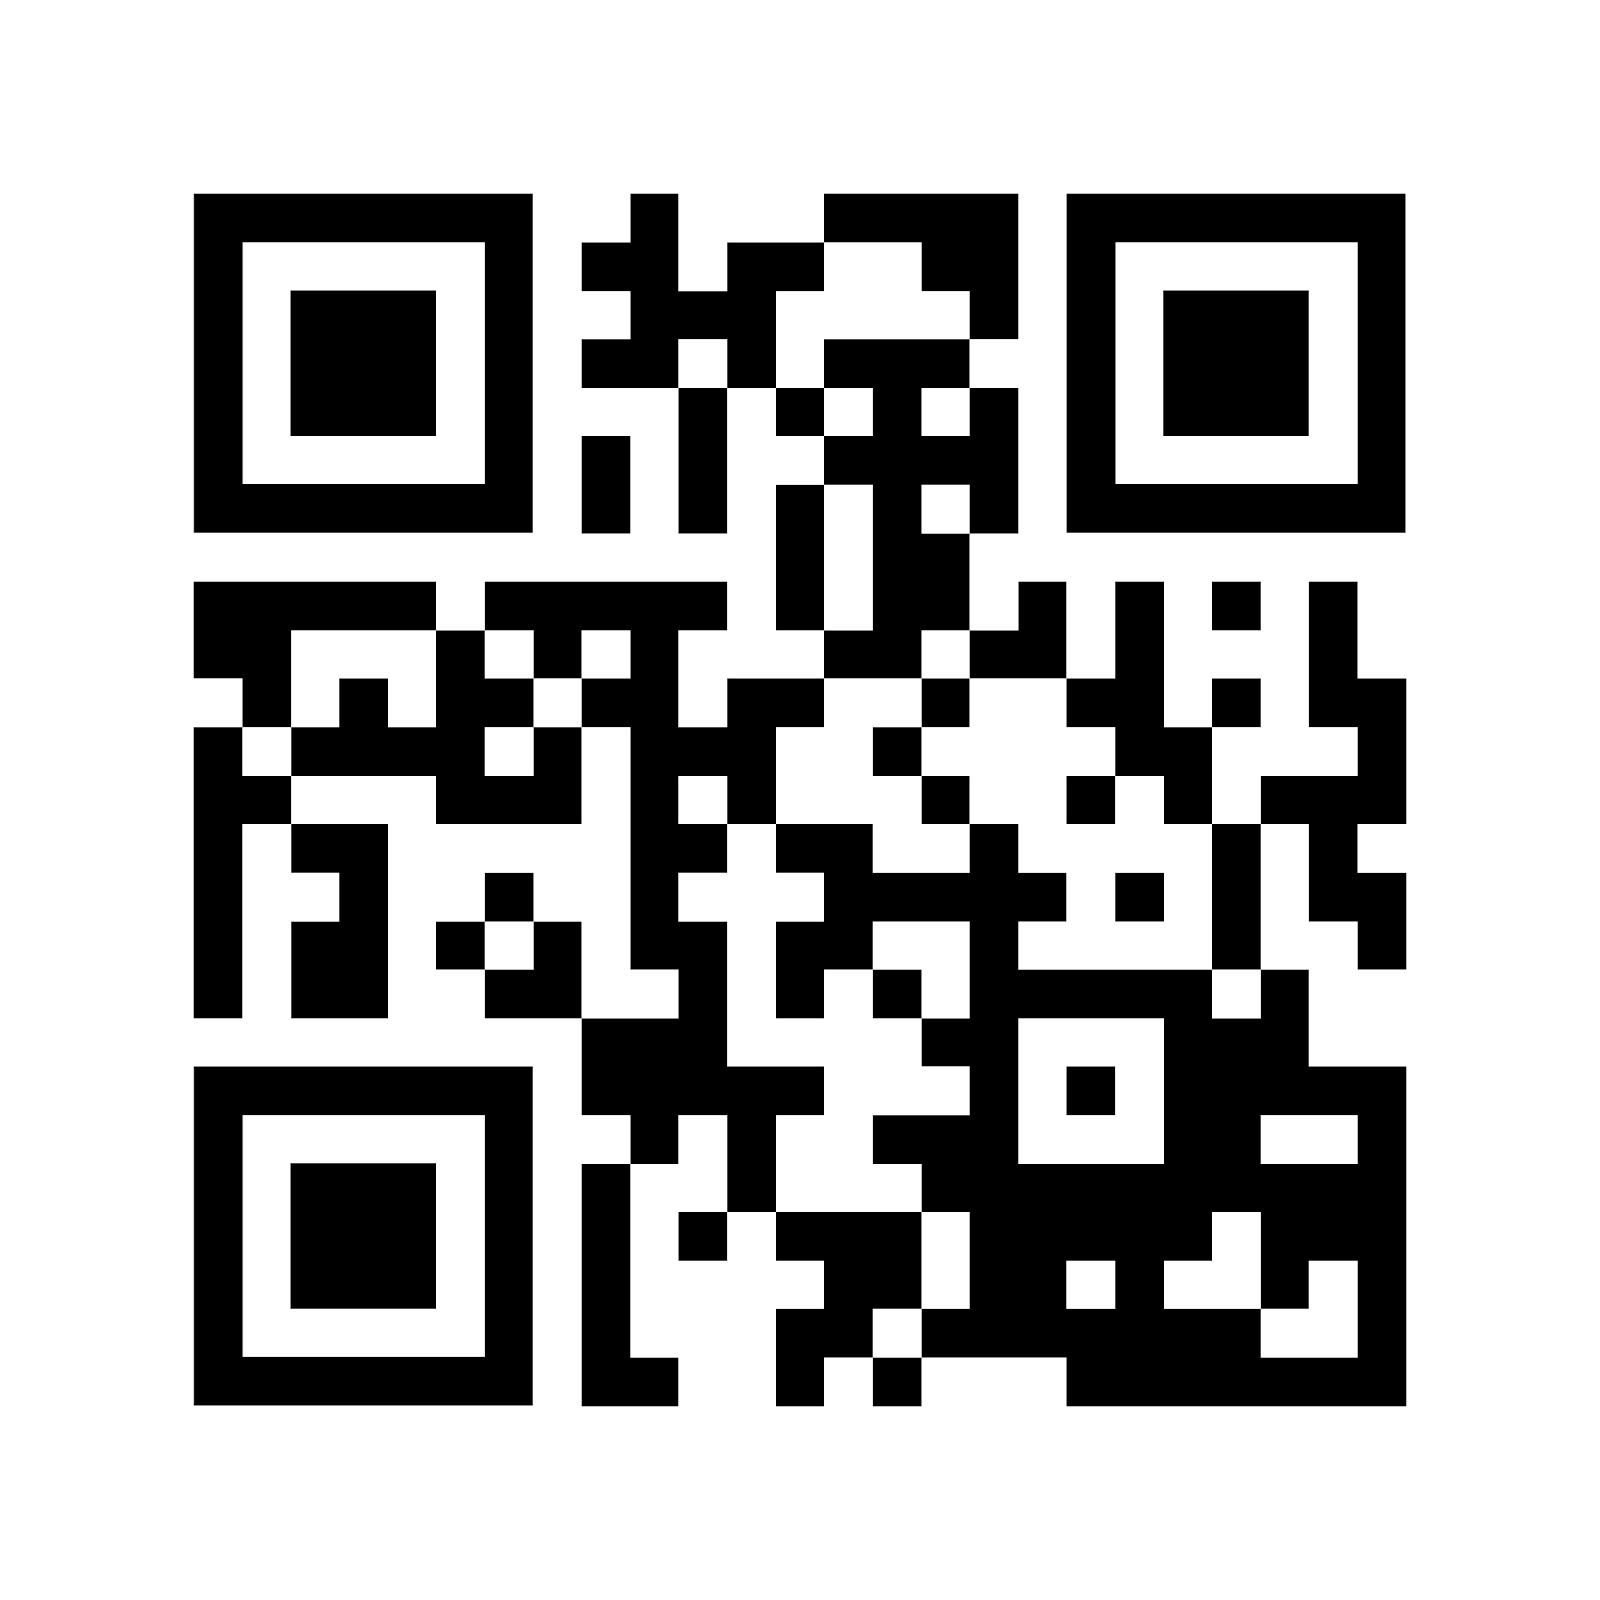 App डाउनलोड करण्यासाठी हा QR Code स्कॅन करा.